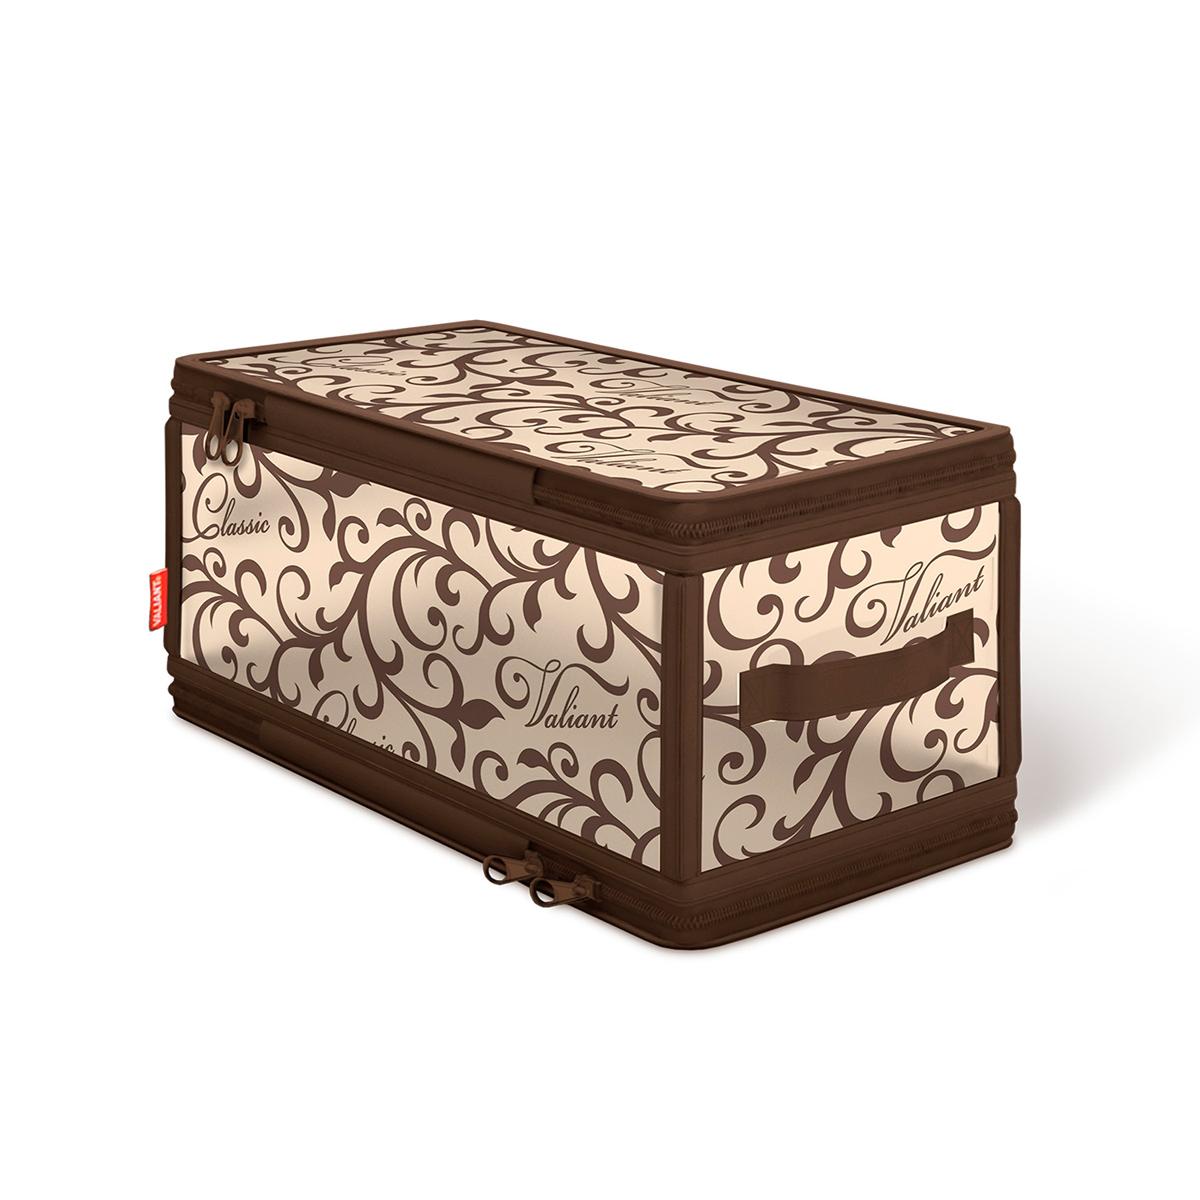 Кофр для хранения Valiant Classic, с застежкой-молнией, 30 см х 15 см х 15 смCL-ZIP-SКофр для хранения Valiant Classic изготовлен из высококачественного полимерного материала и спанбонда. Кофр удобен в использовании: чтобы его сложить, достаточно застегнуть молнию. В сложенном виде занимает минимум места. В таком кофре удобно хранить белье и мелкие аксессуары. Сбоку имеется ручка. Изысканный дизайн Classic Collection придется по вкусу ценителям классического стиля, он гармонично вписывается в современный классический гардероб.Системы хранения в едином дизайне сделают вашу гардеробную красивой и невероятно стильной.